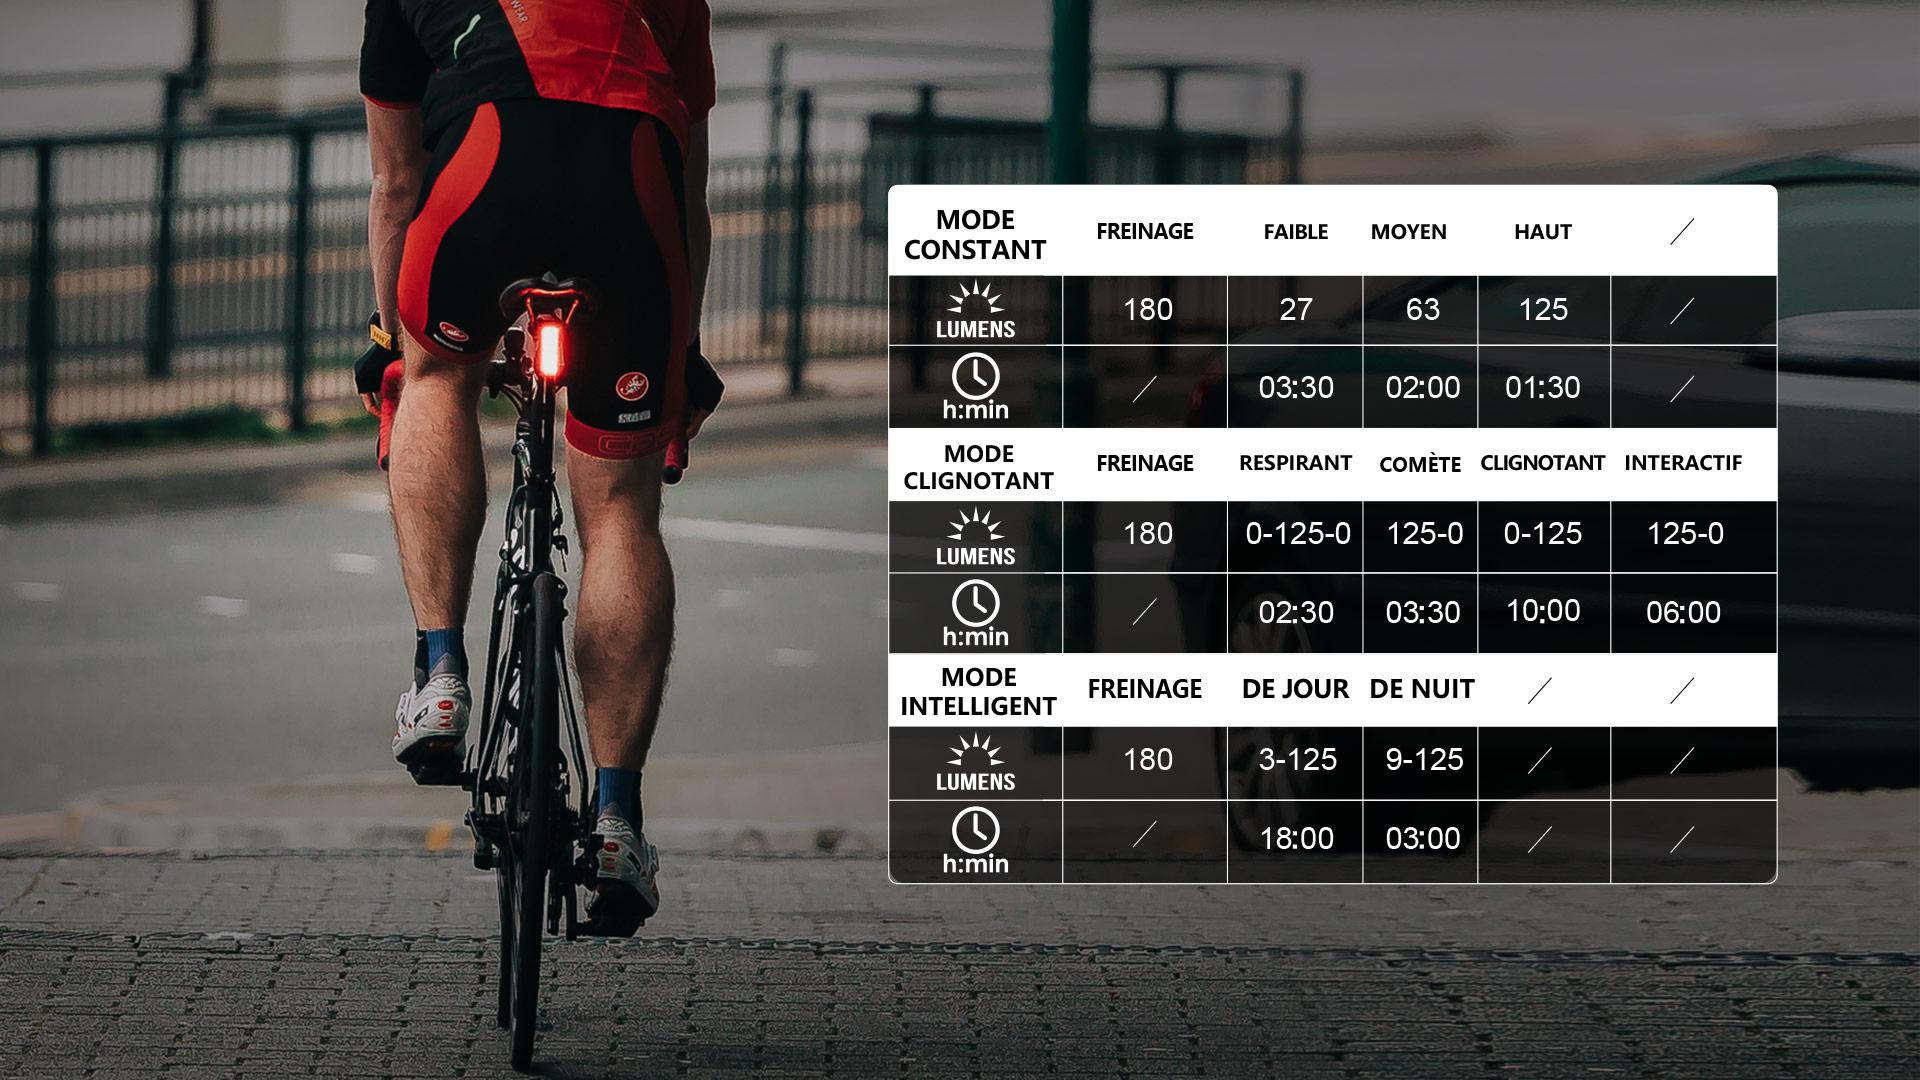 lampe vélo voyant en rouge : 6% - 20%